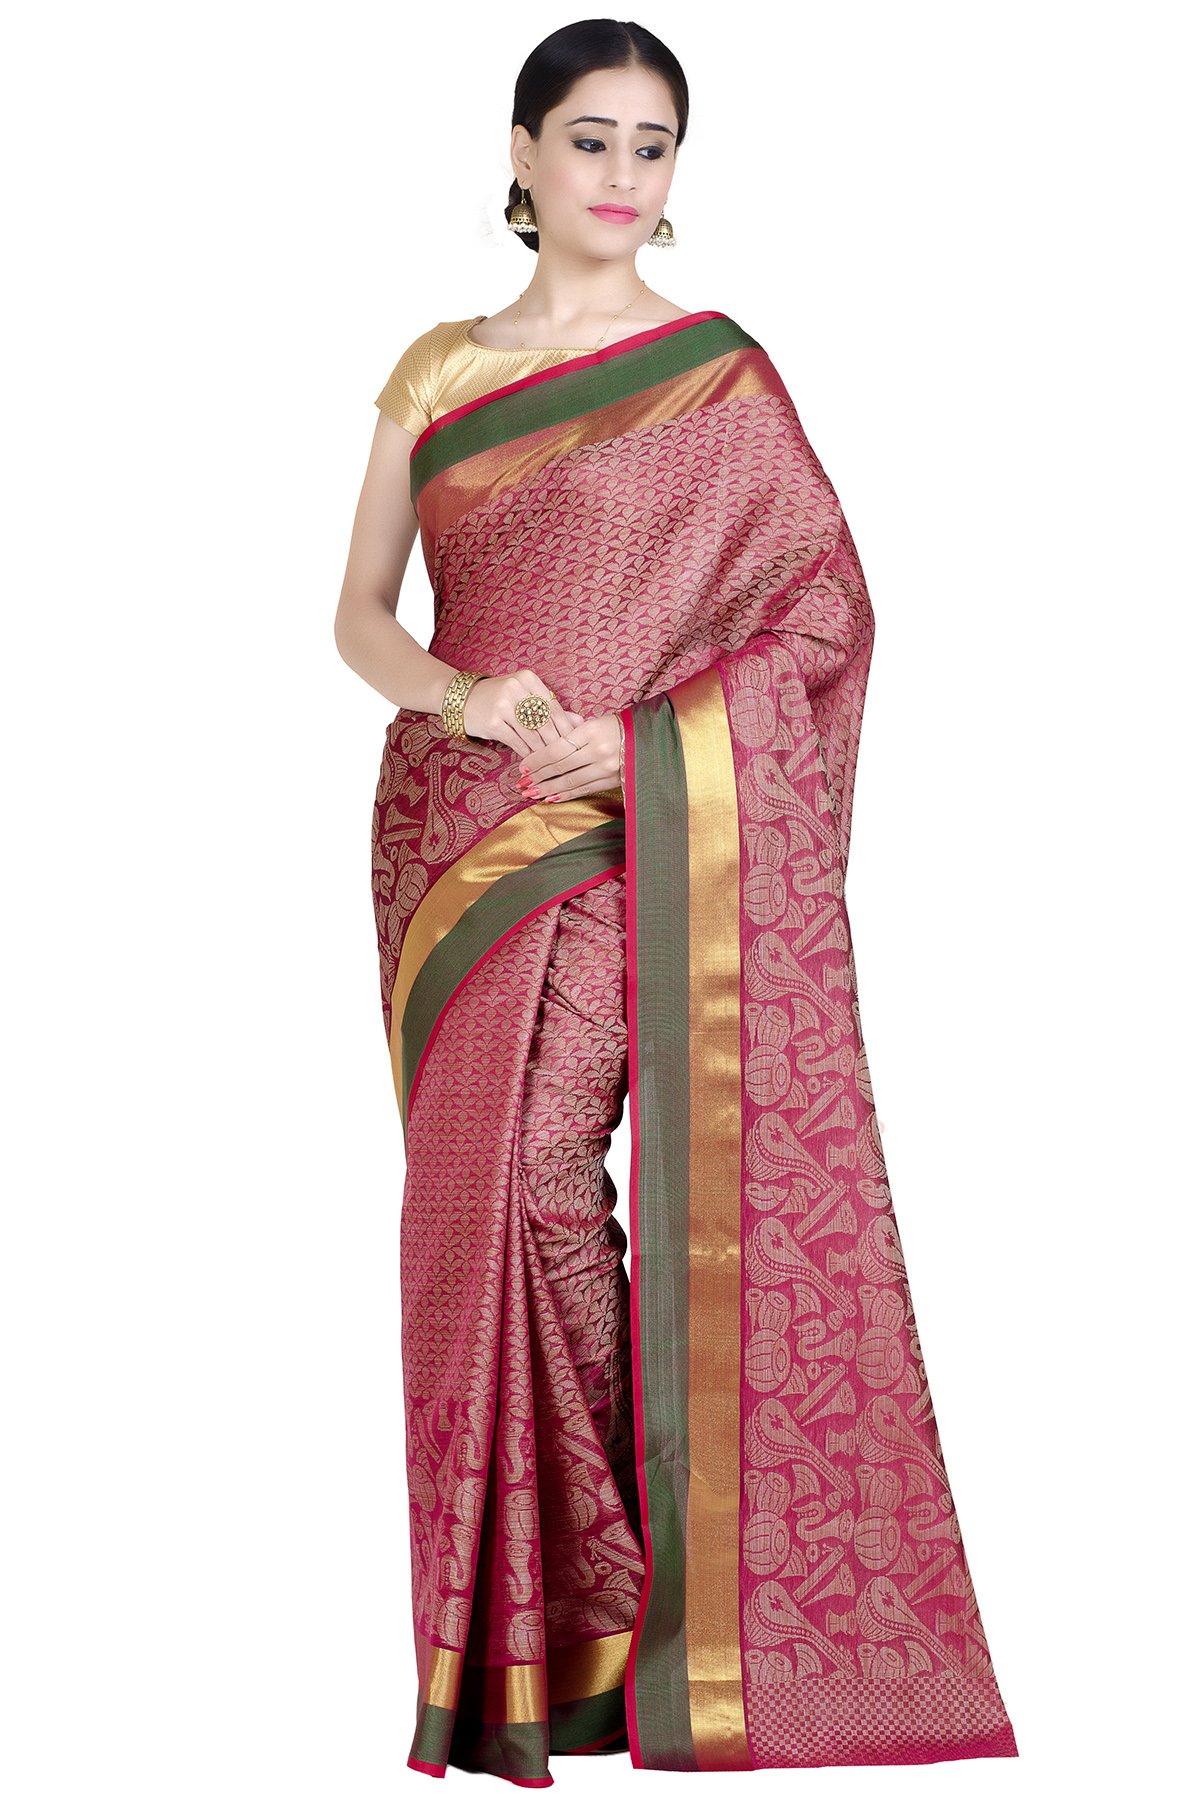 Chandrakala Women's Pink Cotton Blend Banarasi Saree(1284PIN)